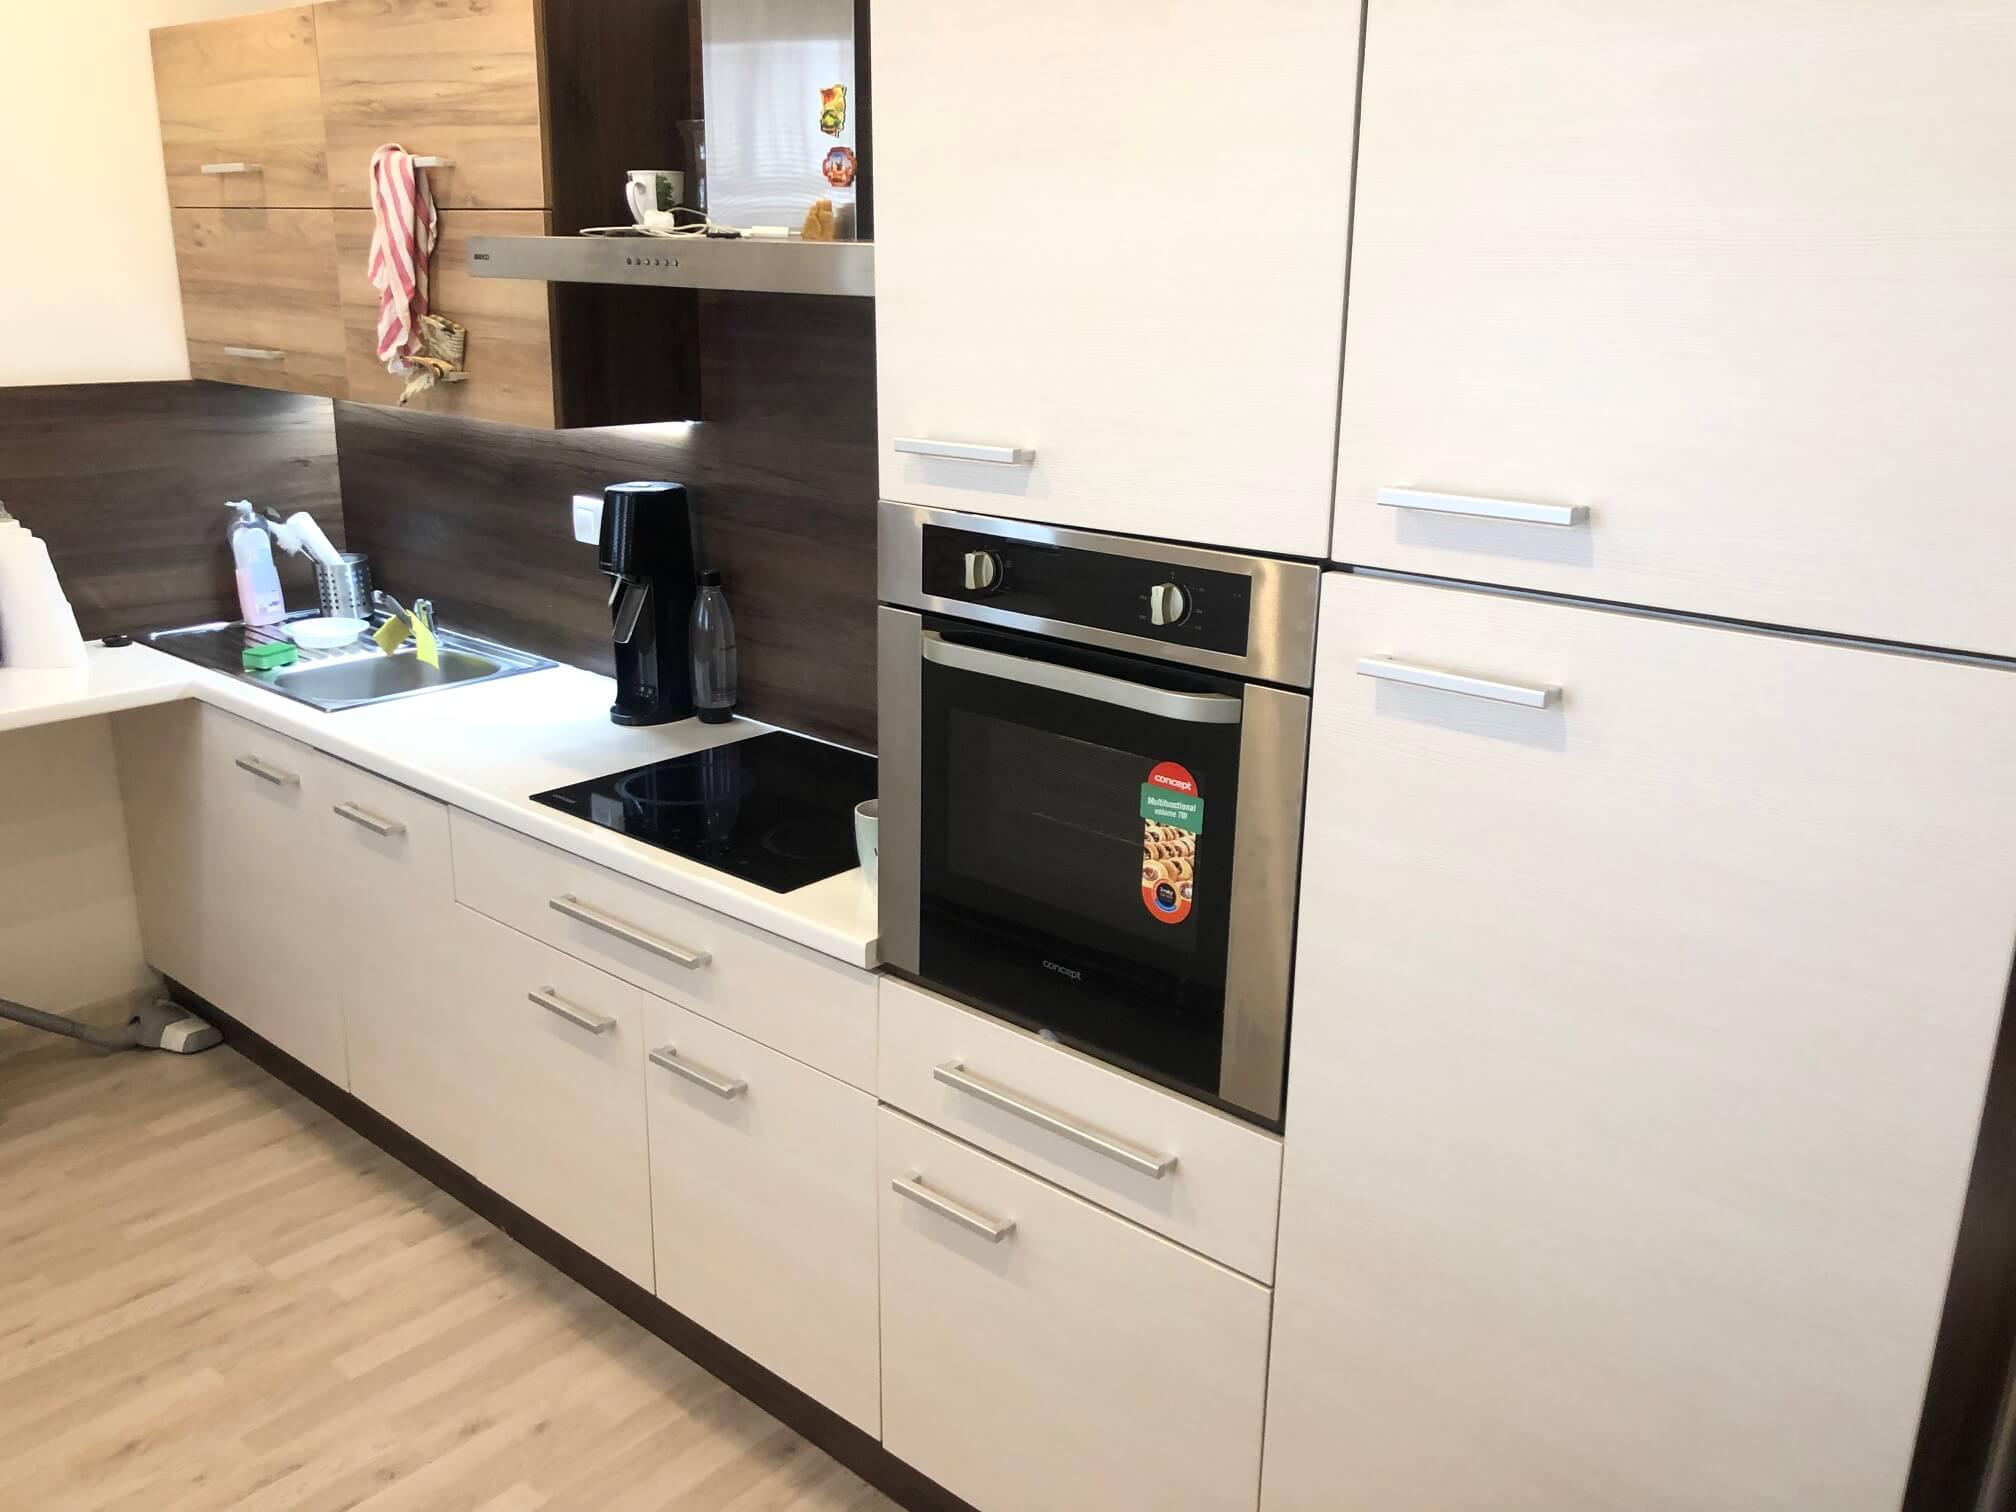 Prenajate: Prenájom 2 izb. byt, Luxusne zariadeny, v tichej lokalite, Brnianska 4, nad Farbičkou, Malacky,-6